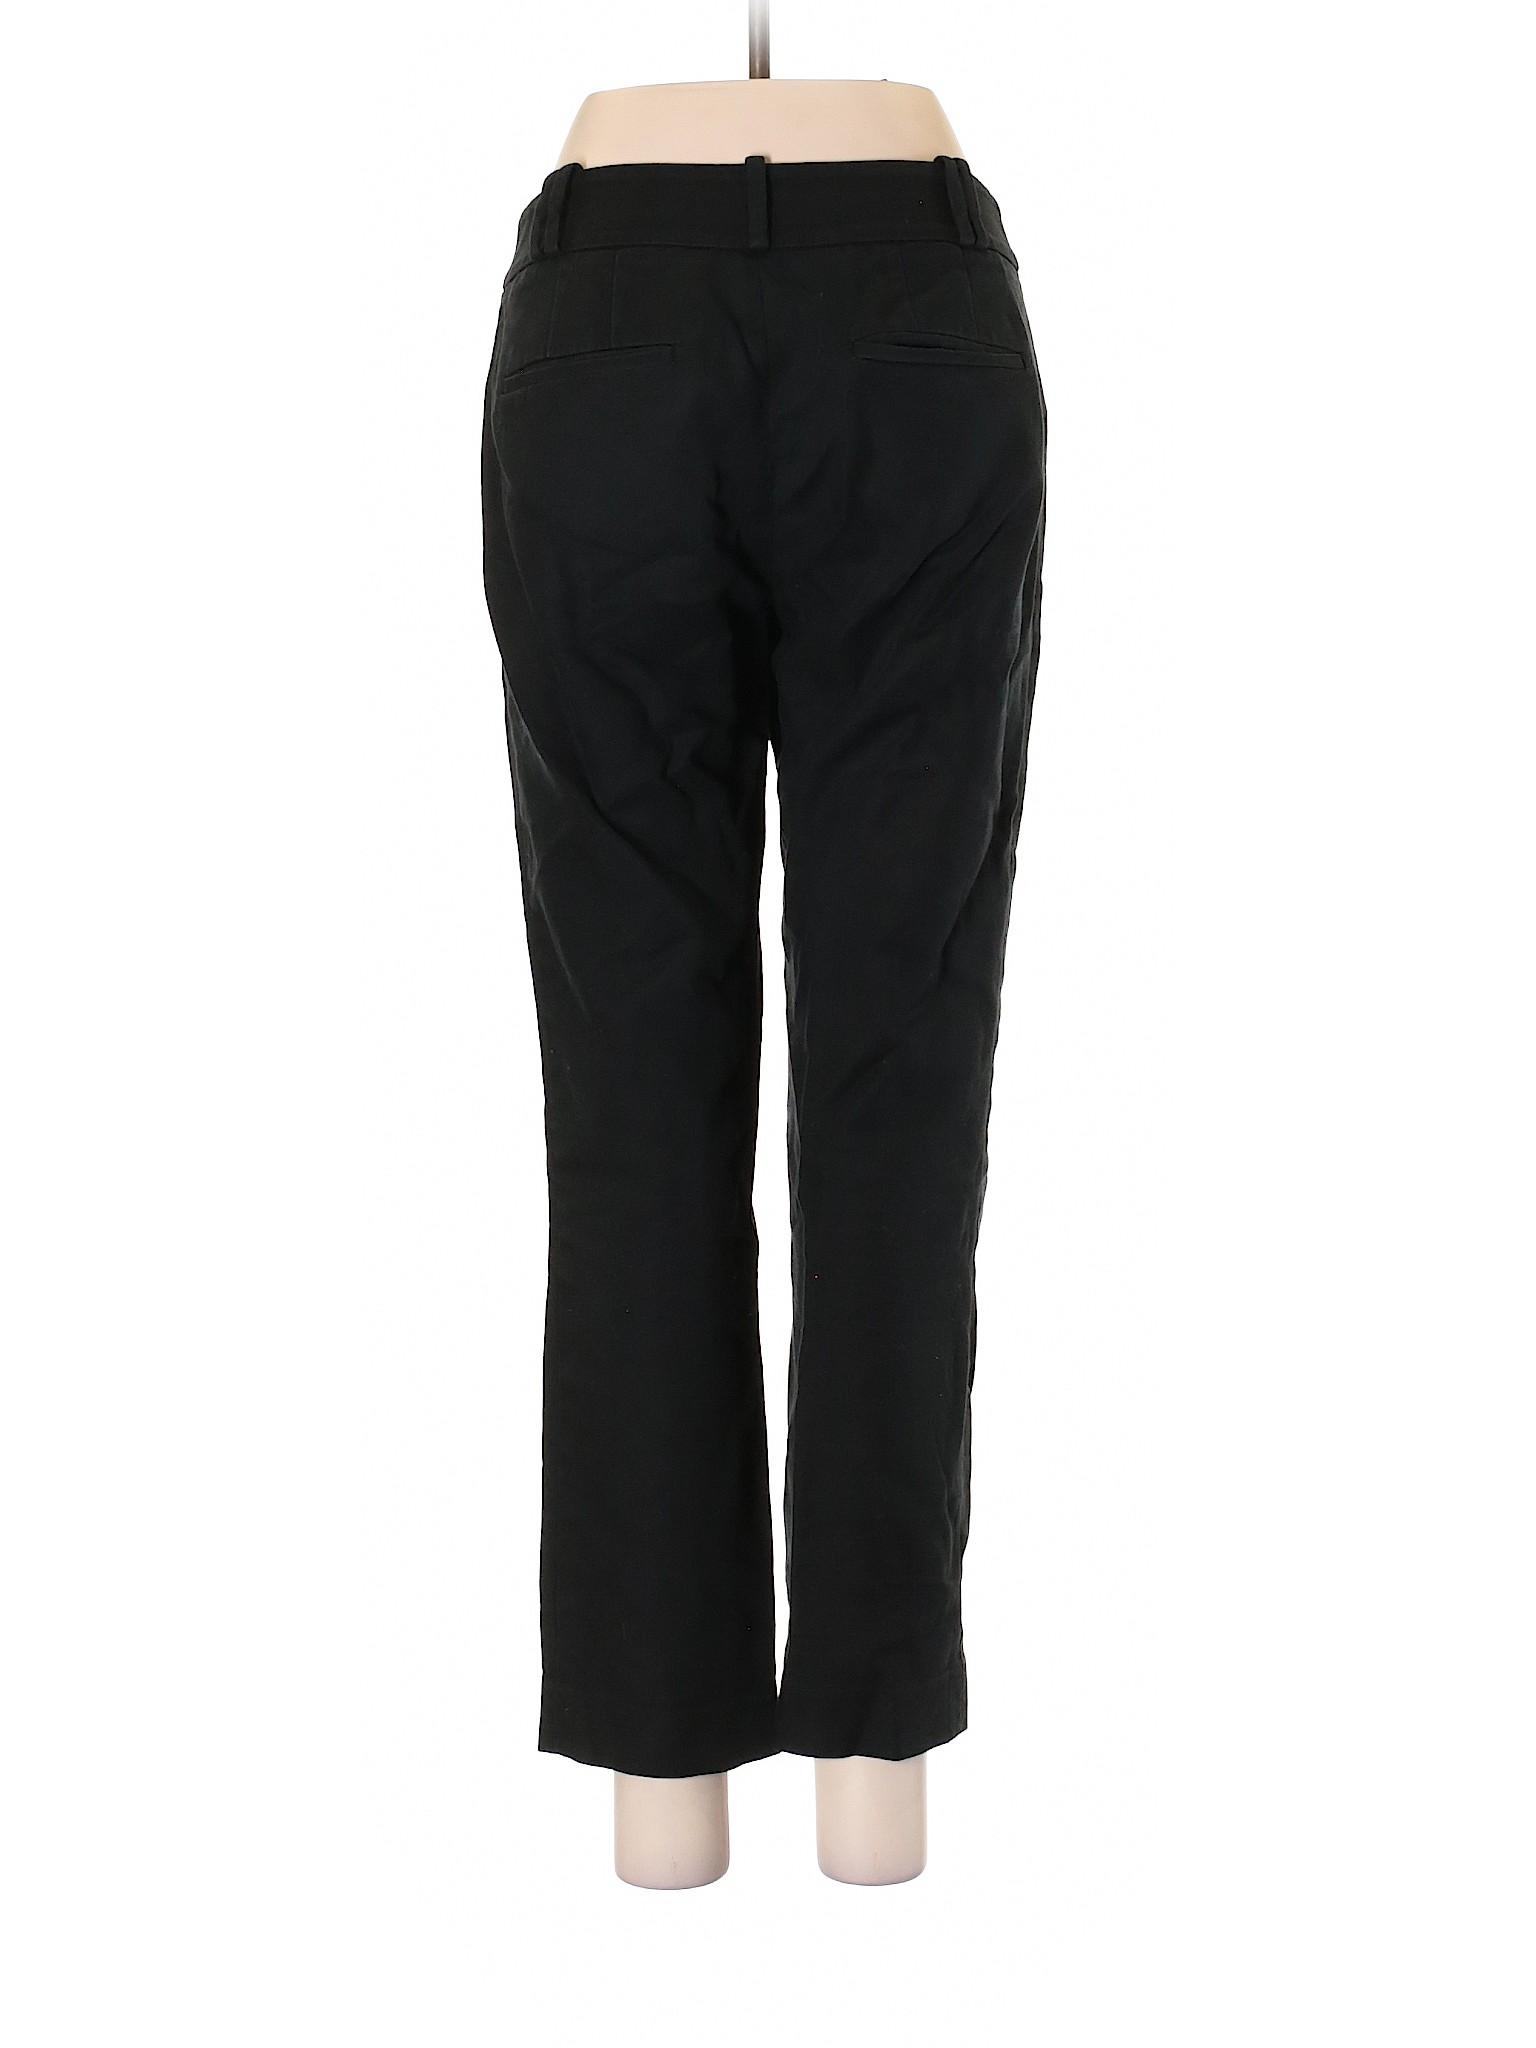 leisure LOFT Taylor Dress Ann Pants Boutique nagqCSwg